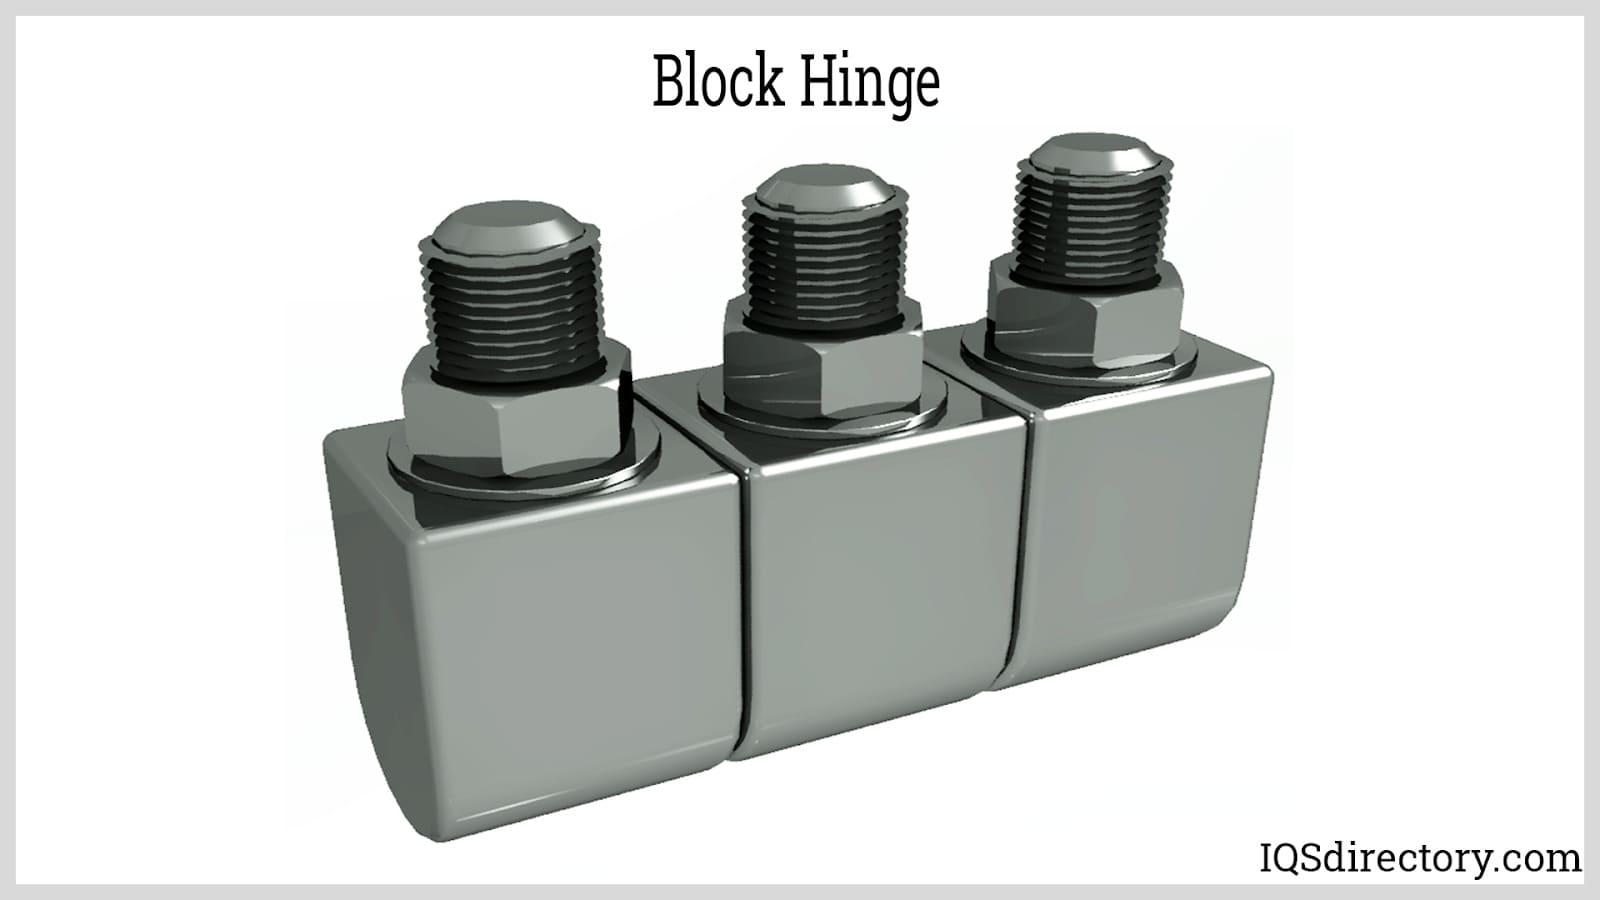 Block Hinge